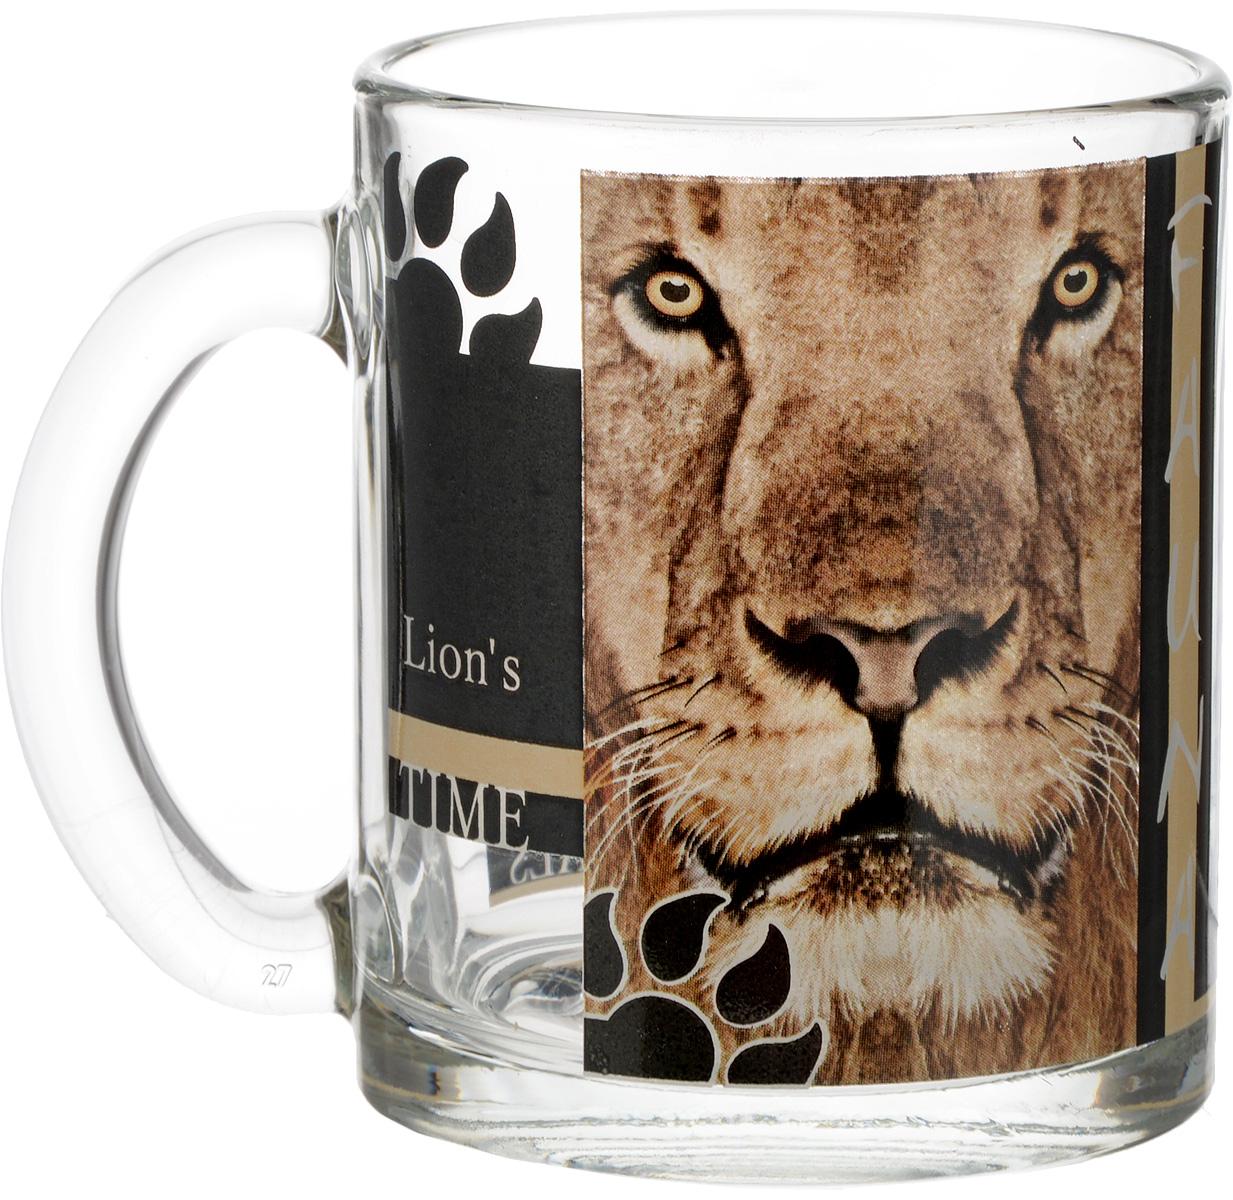 Кружка OSZ Чайная. Дикие кошки. Лев, 320 мл04C1208-DKK_ЛевКружка OSZ Чайная. Дикие кошки. Лев, выполненная из стекла, декорирована изображением льва и оснащена эргономичной ручкой. Кружка сочетает в себе оригинальный дизайн и функциональность. Она согреет вас долгими холодными вечерами. Диаметр кружки (по верхнему краю): 8 см. Высота кружки: 9,5 см.Объем кружки: 320 мл.